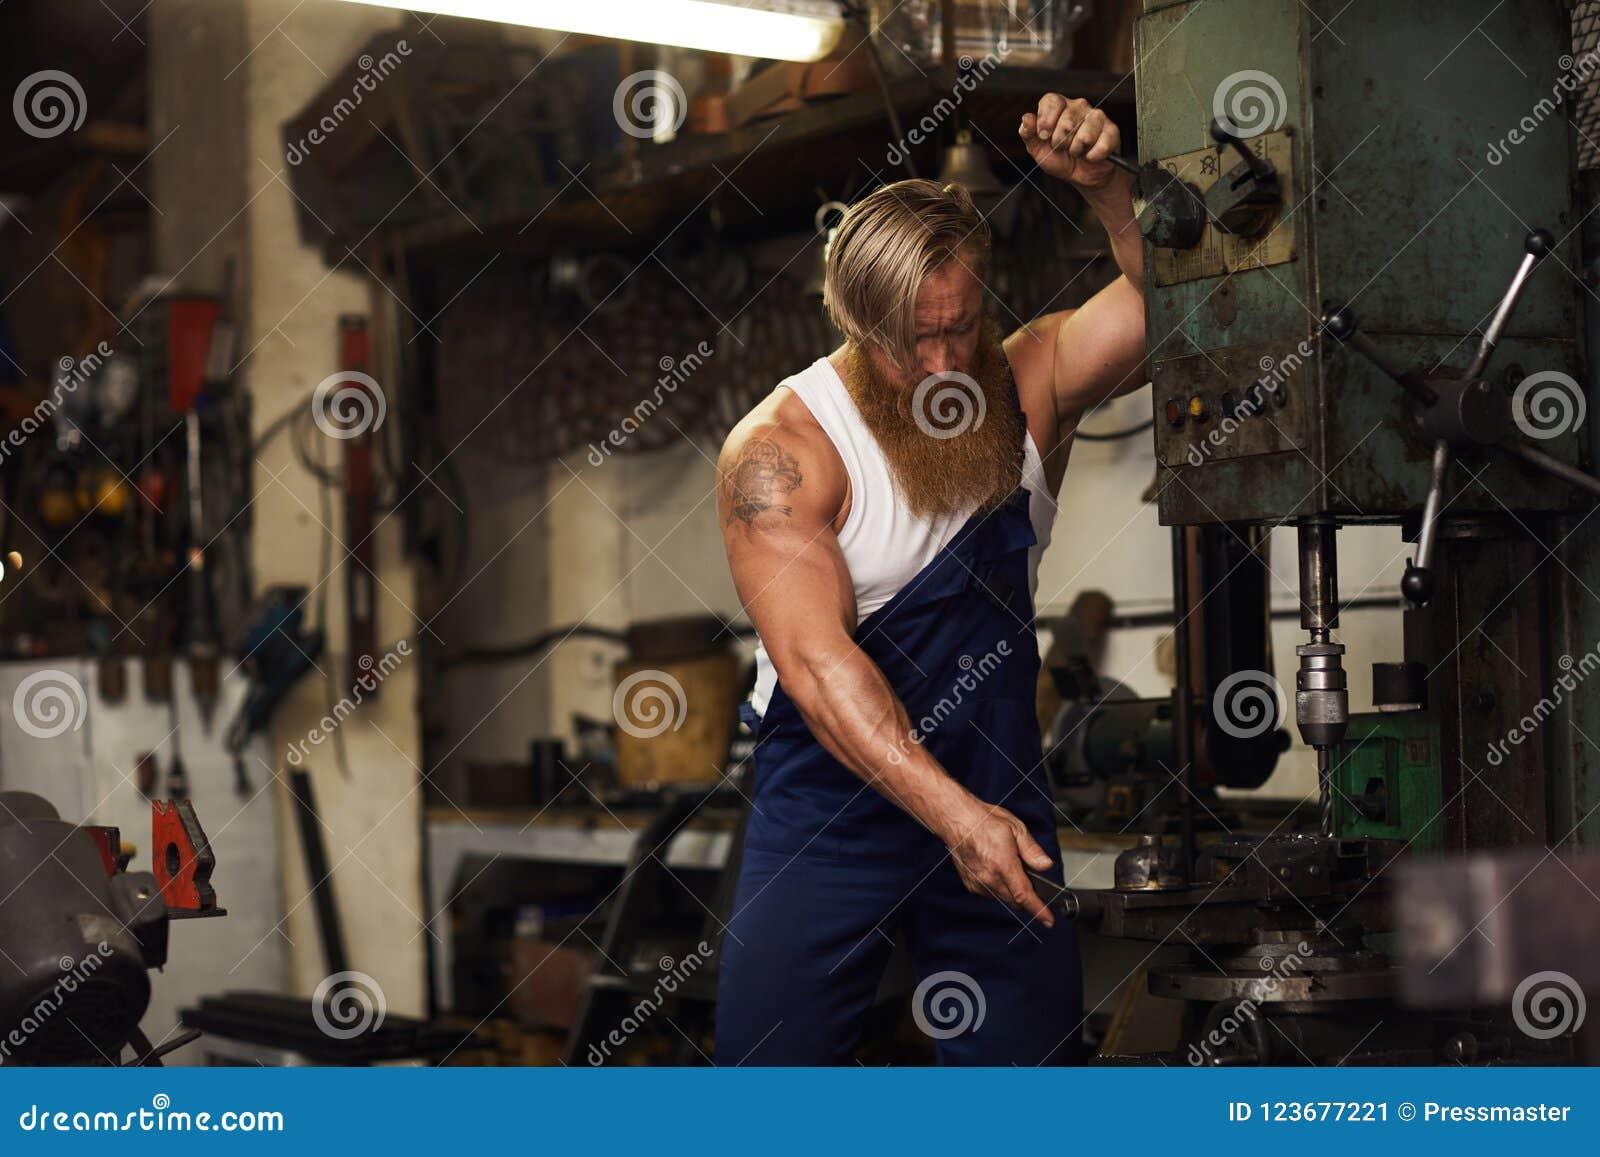 Tattooed body builders drill raw